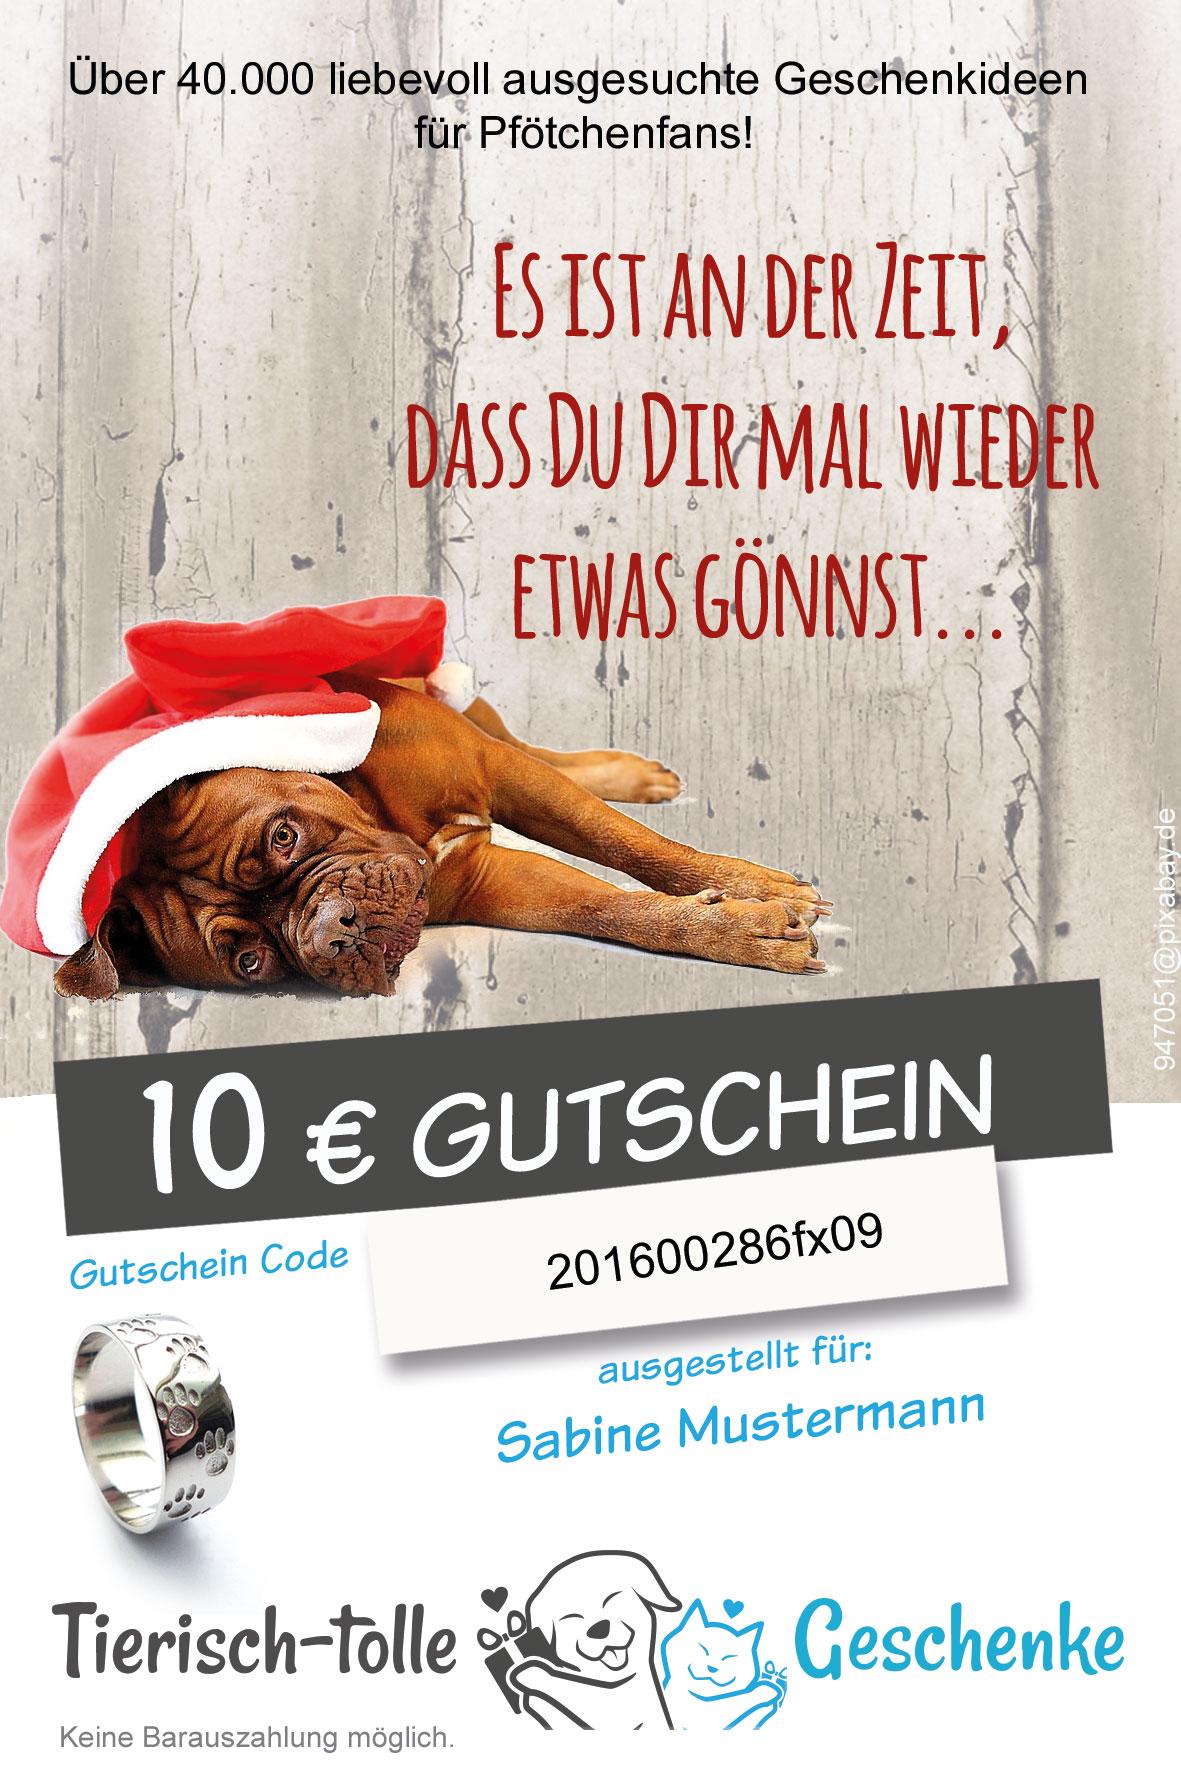 geschenk gutschein f r pf tchenfans hundemotiv weihnachten tierisch tolle geschenke. Black Bedroom Furniture Sets. Home Design Ideas